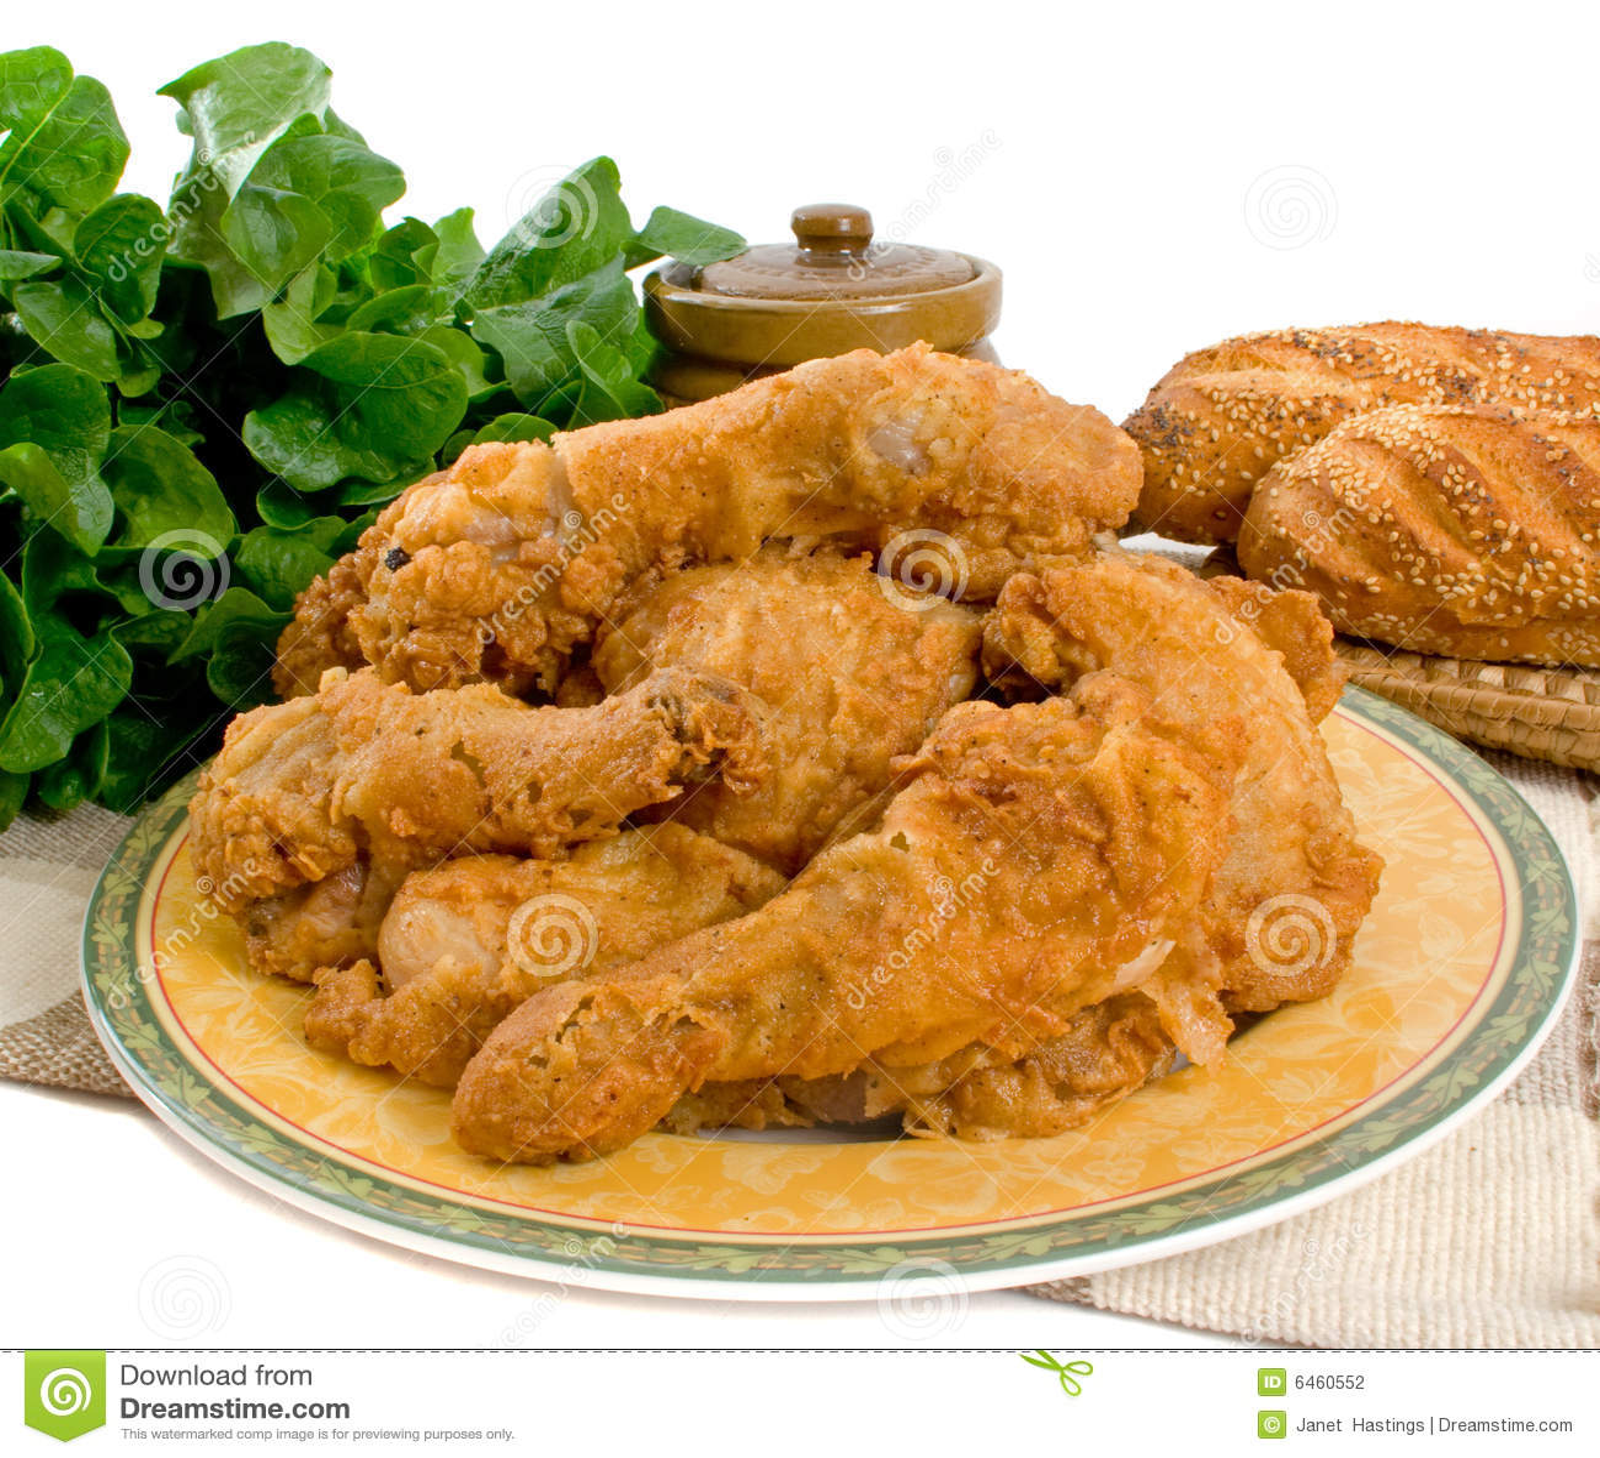 Smażone kurczaki na kawałki